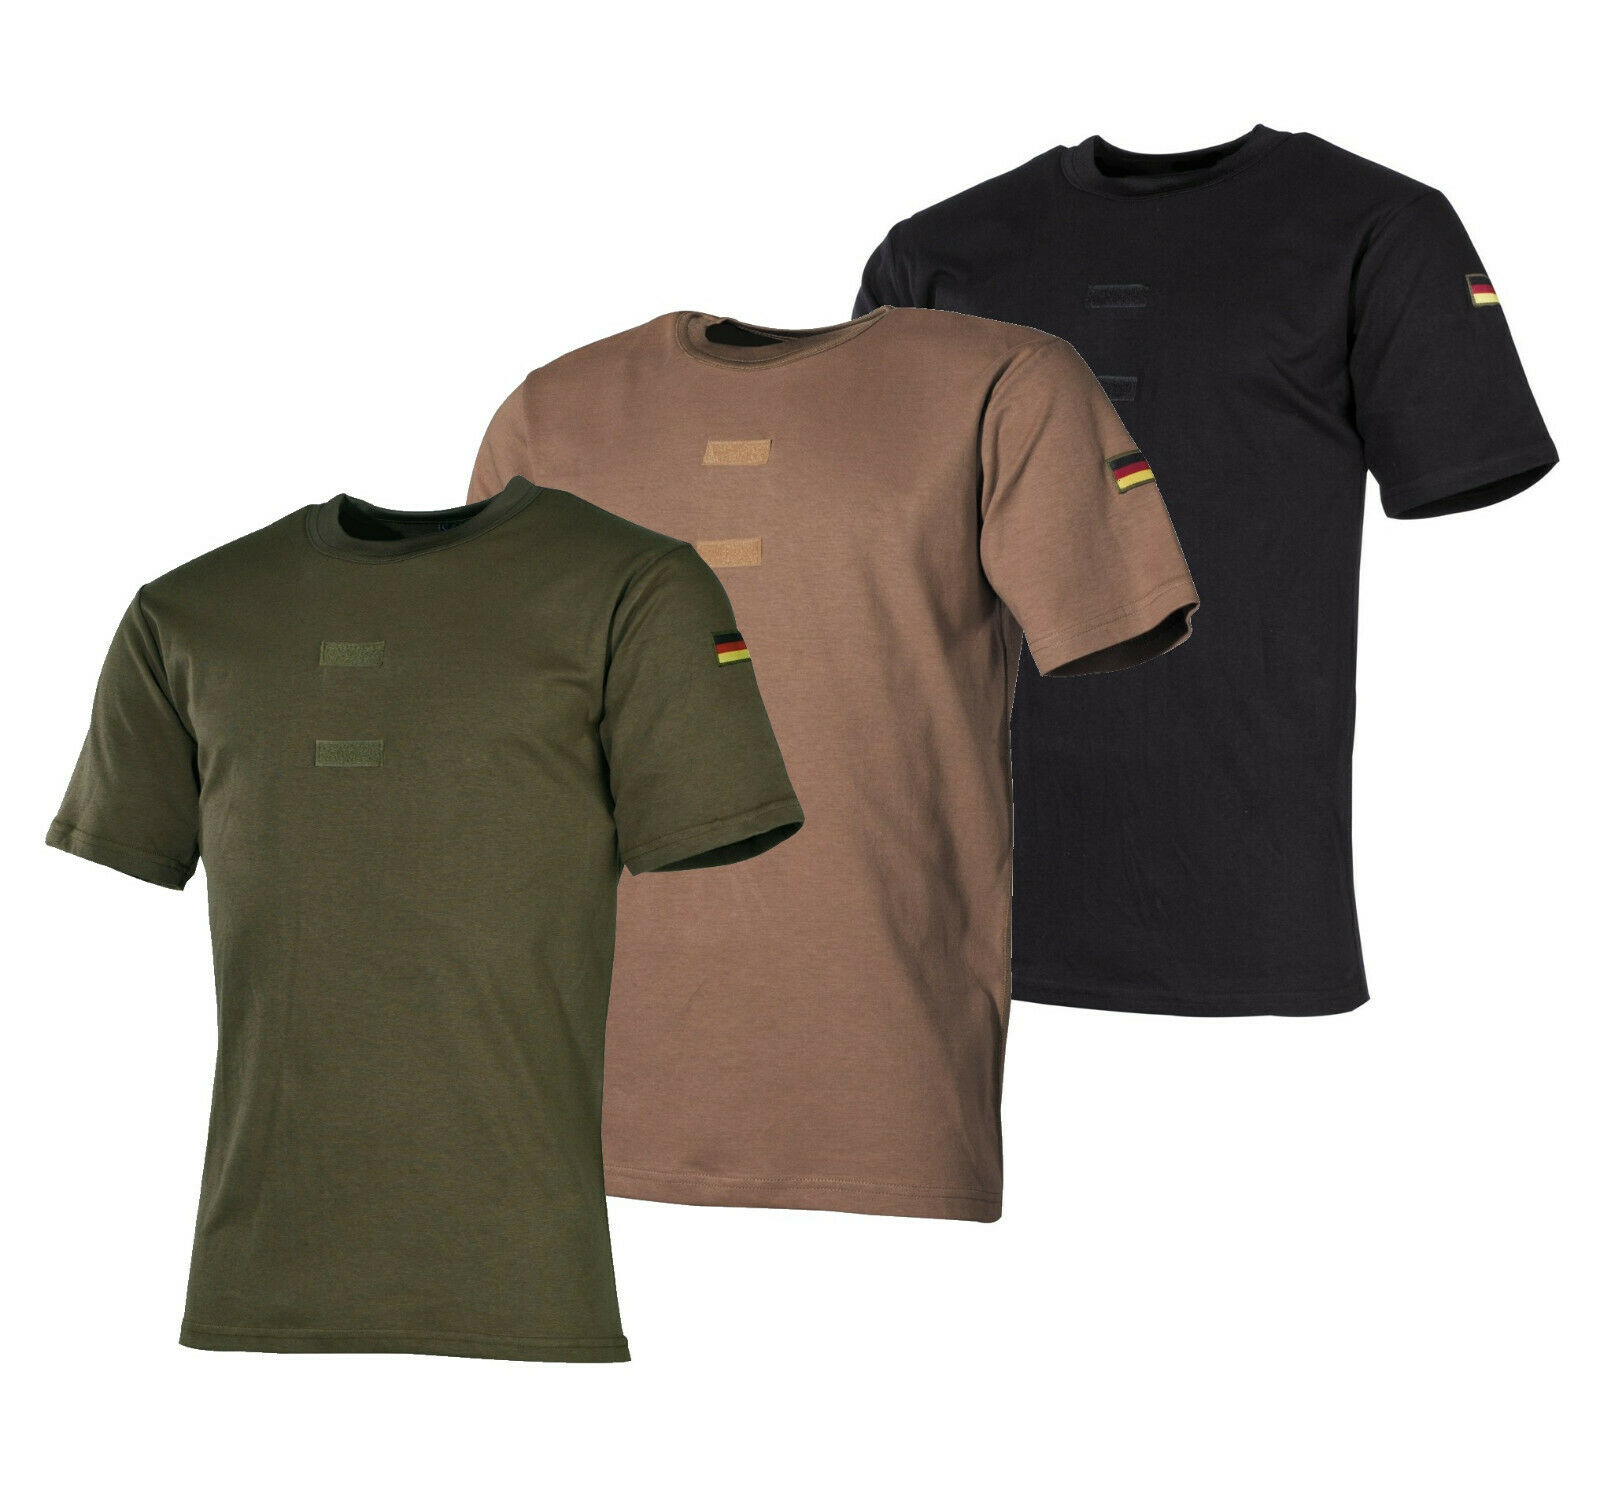 2er 3er Pack Original Bundeswehr T-shirts Tropen Bw T-shirt Khaki Unterhemd Shirts & Hemden